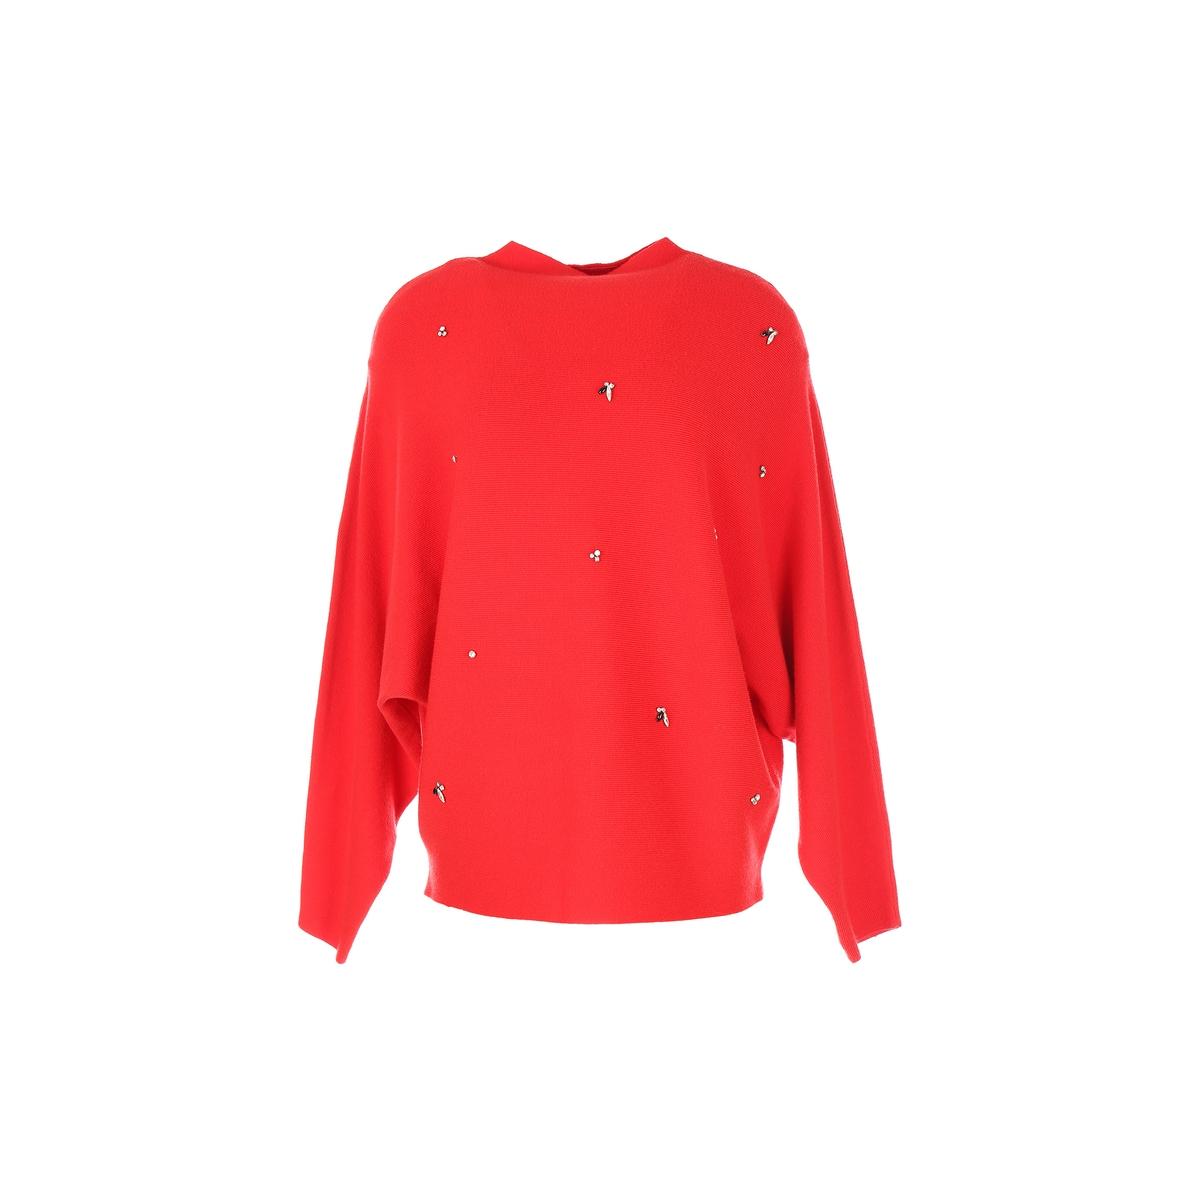 Пуловер с круглым вырезом из тонкого трикотажаОписание:Детали •  Длинные рукава •  Круглый вырез •  Тонкий трикотаж Состав и уход •  44% вискозы, 28% полиамида, 28% полиэстера •  Следуйте советам по уходу, указанным на этикетке<br><br>Цвет: красный<br>Размер: M